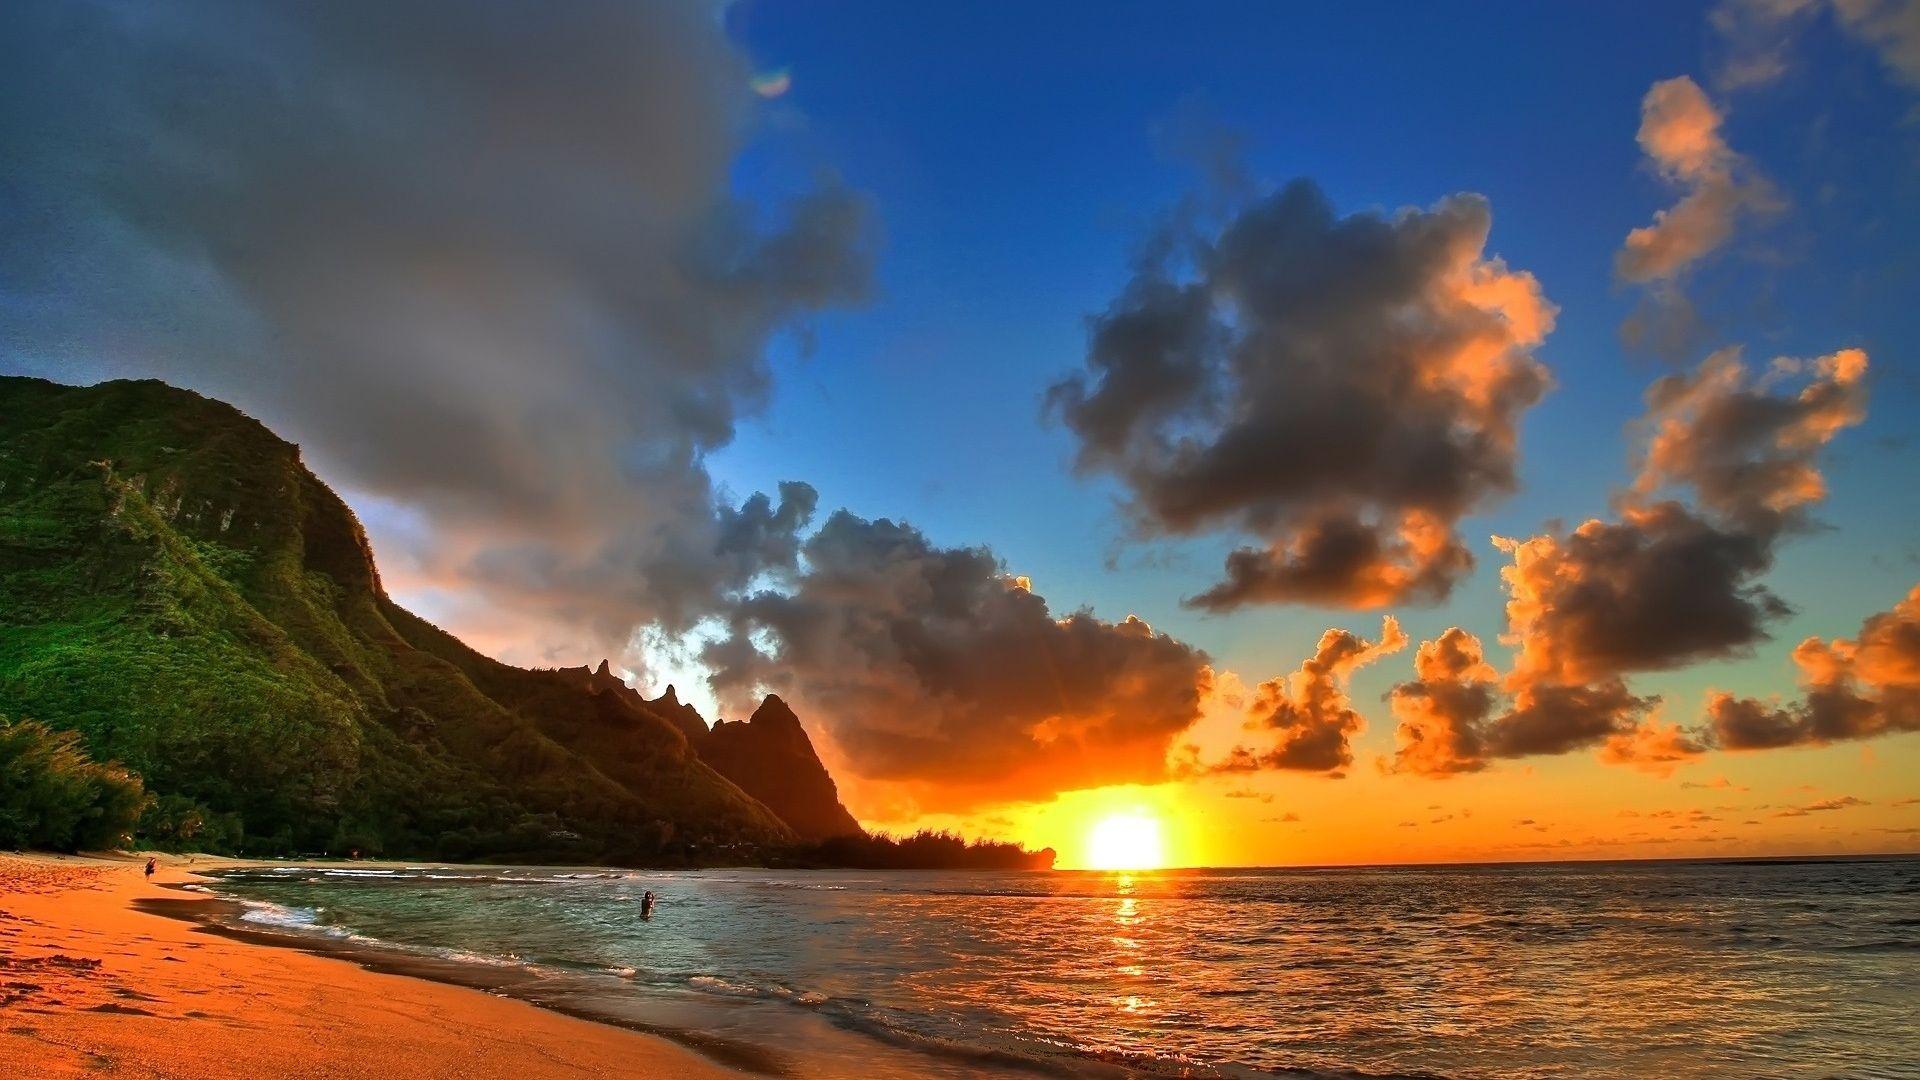 winter or summer sunsets | Summer Sunset Wallpaper HD